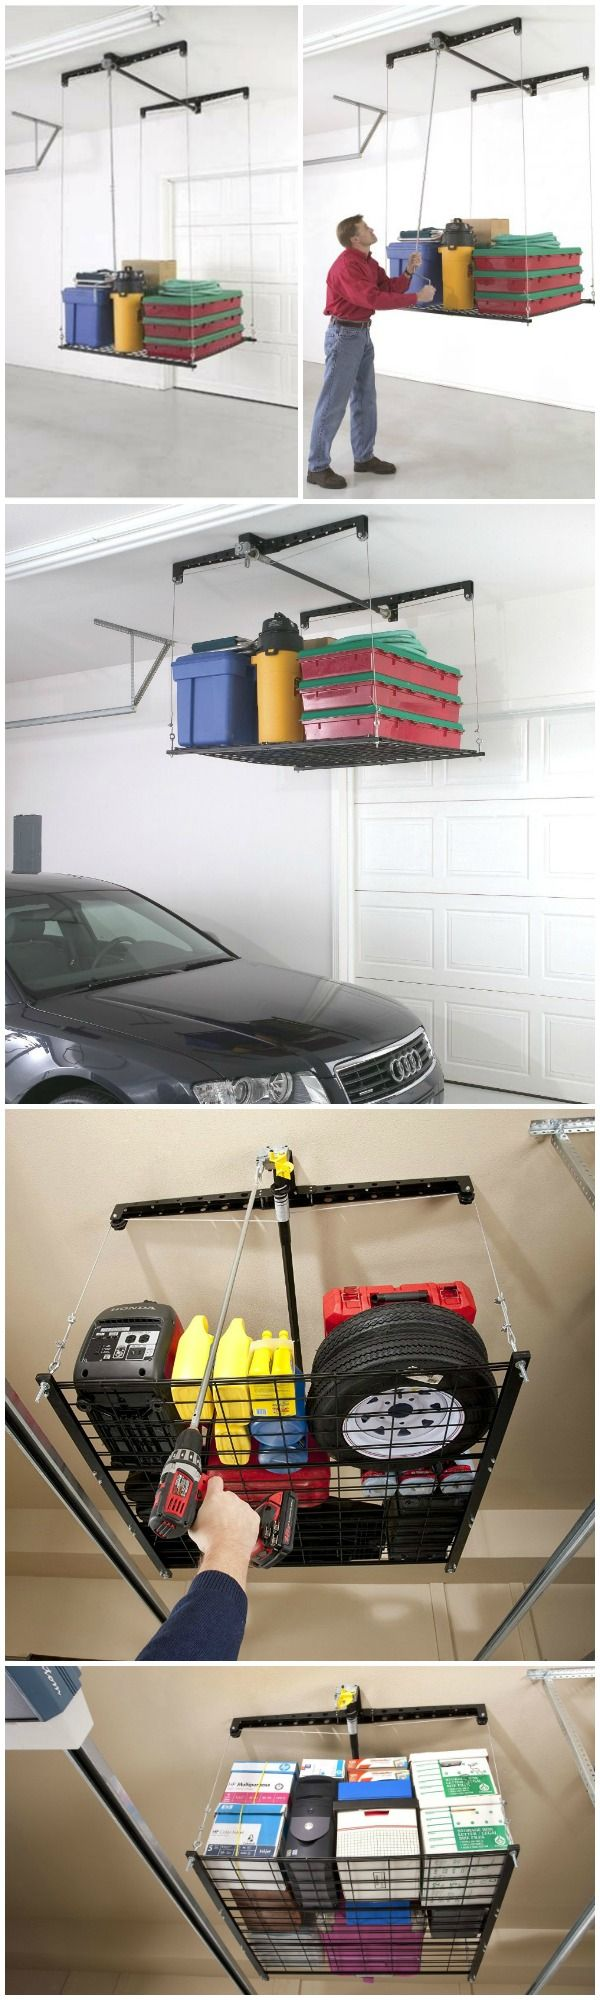 Garage Overhead Storage Ideas